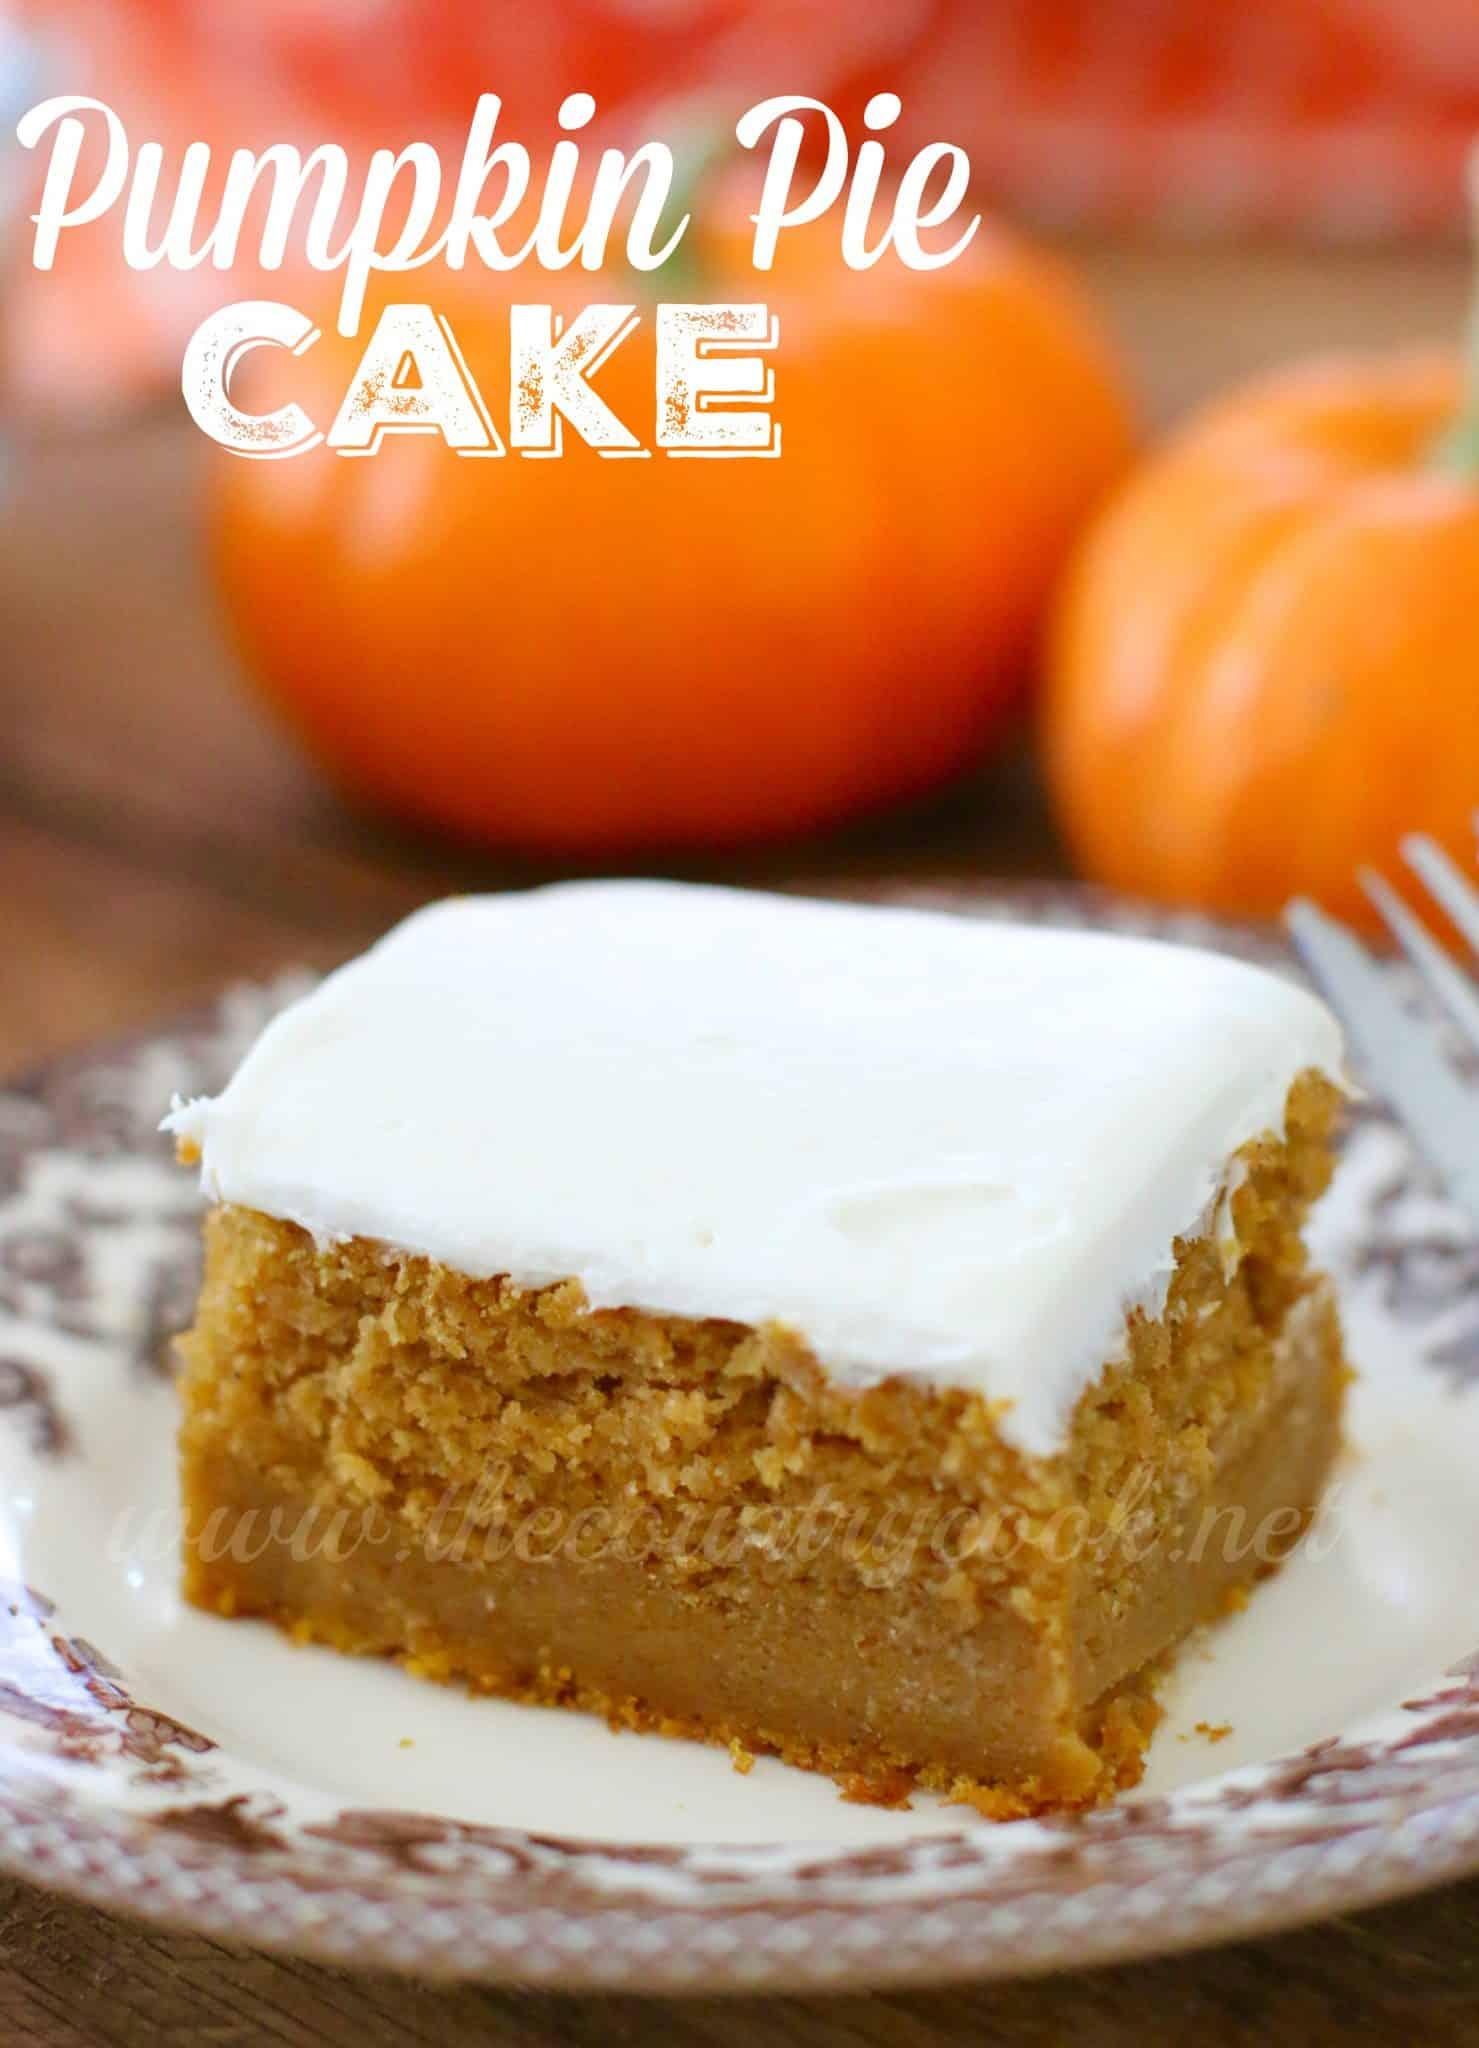 Cook X Cake In Sheet Pan